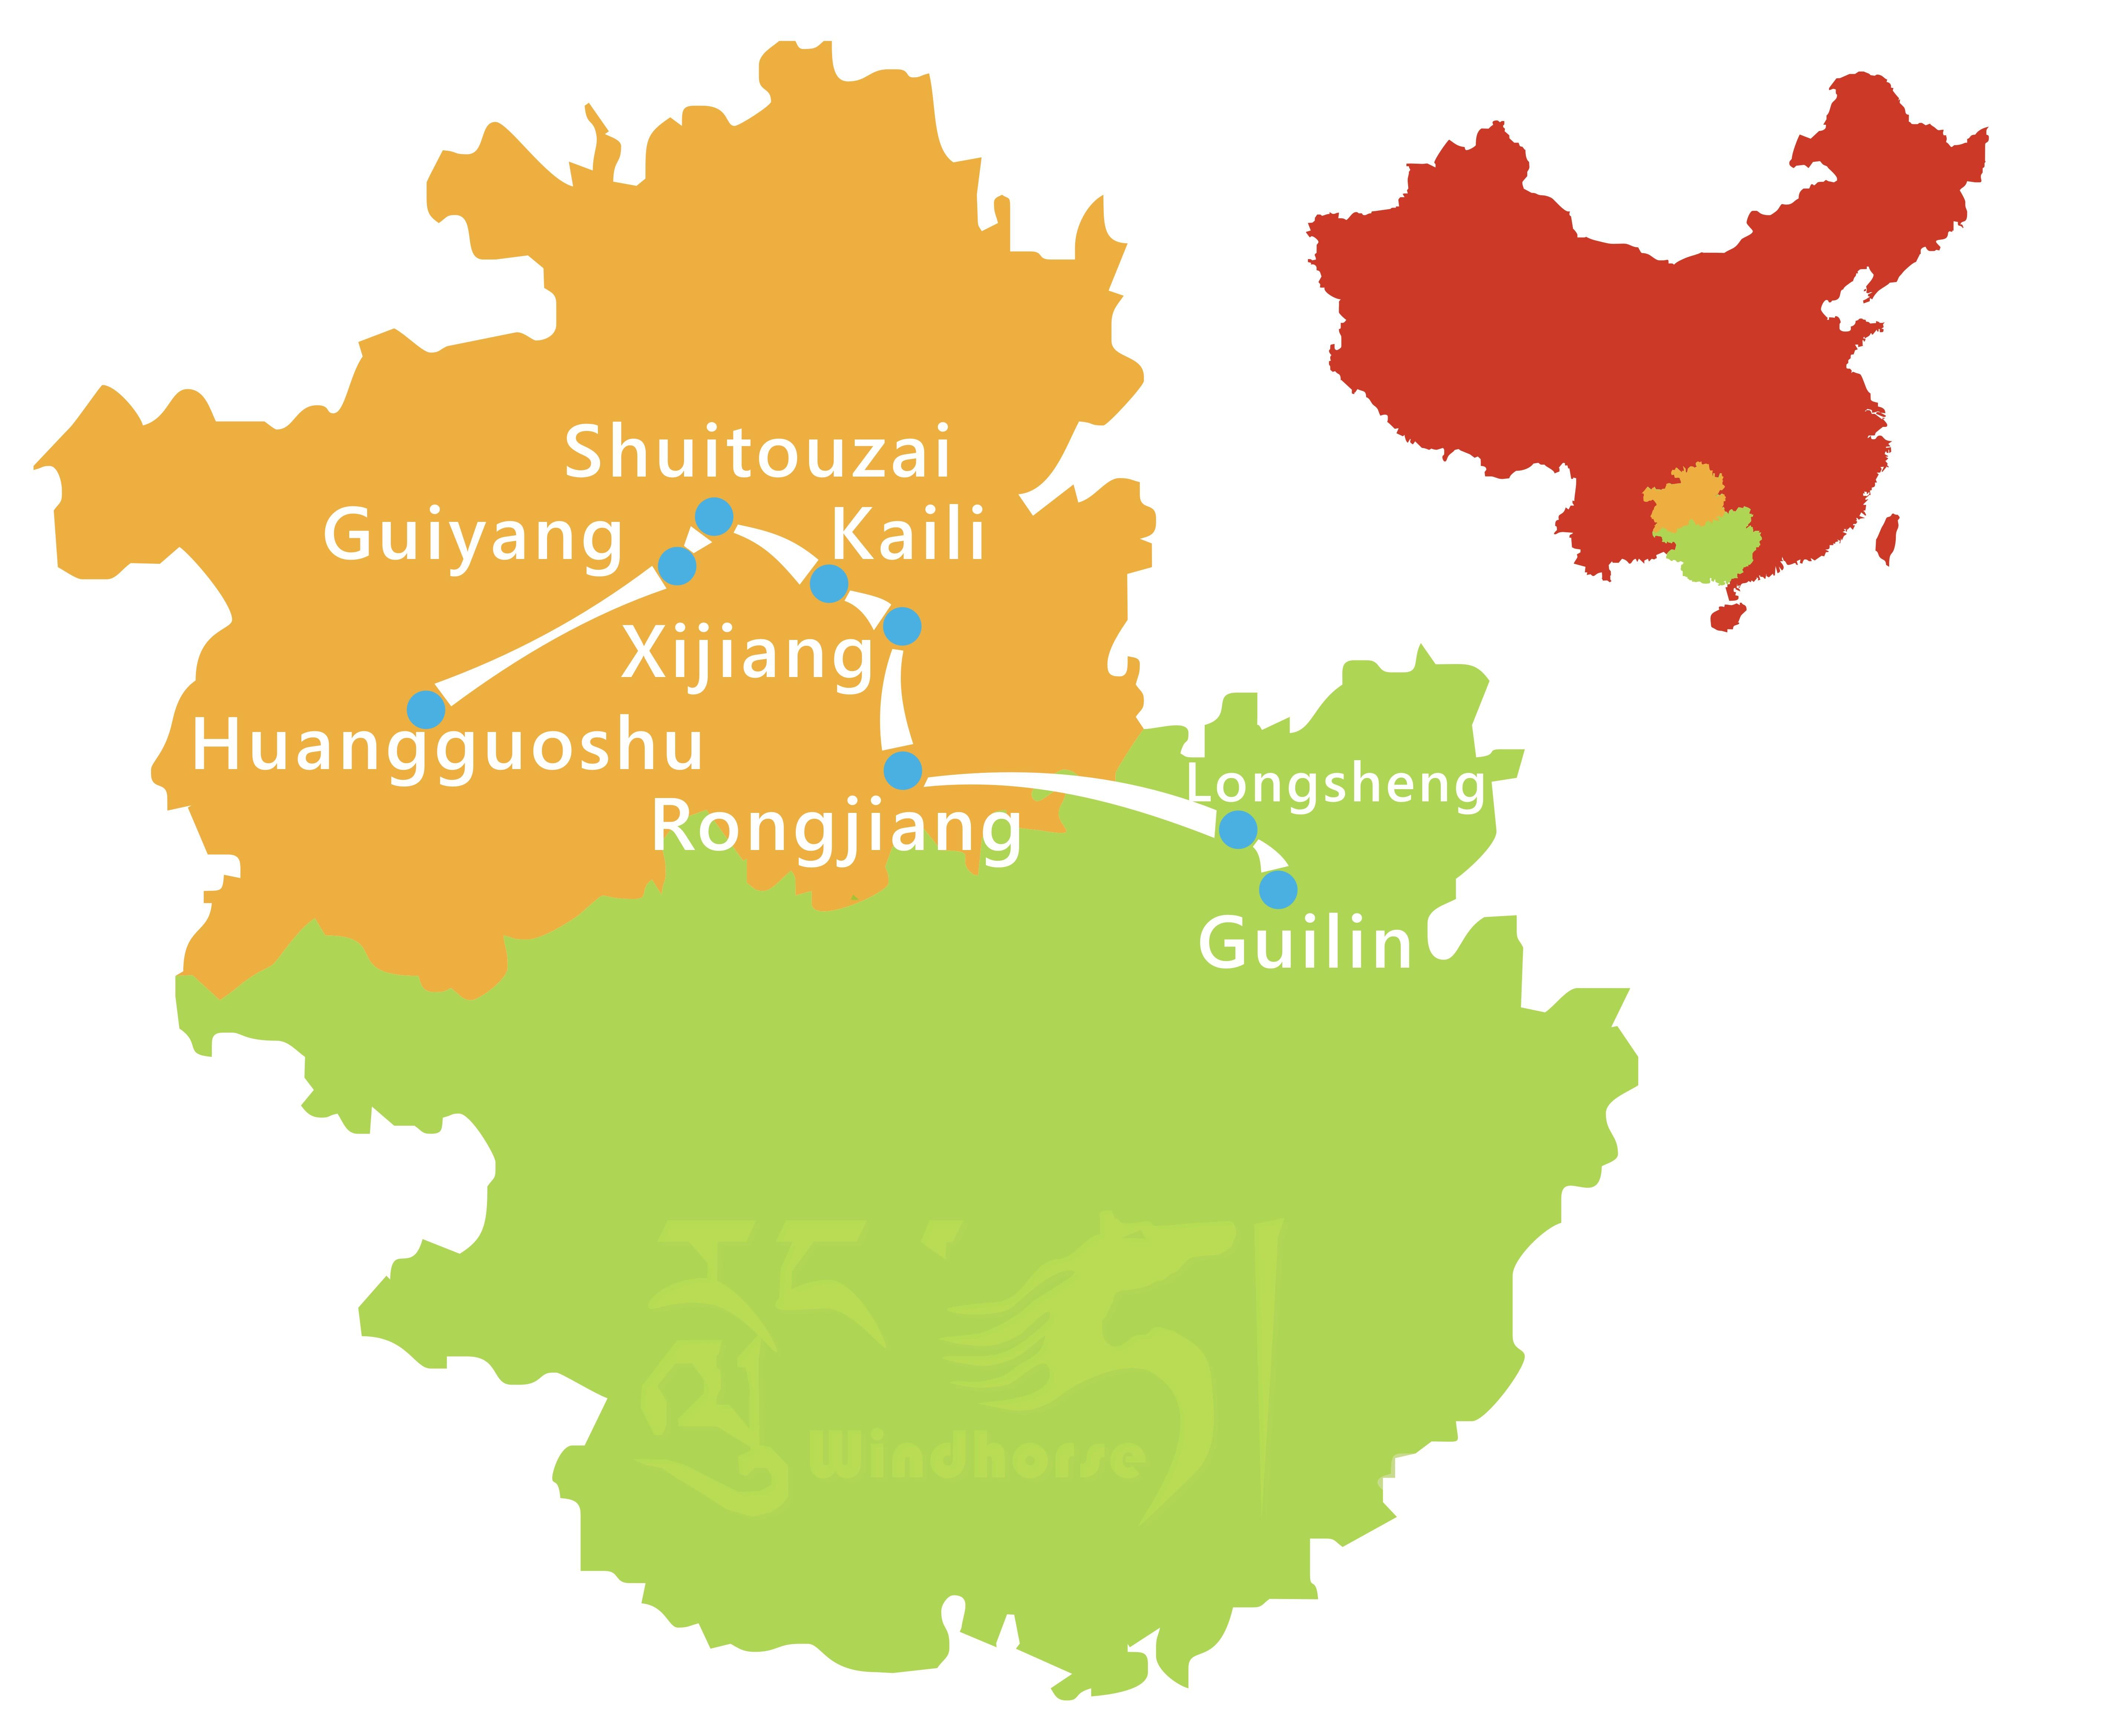 Guizhou Guilin Minority Tour Route